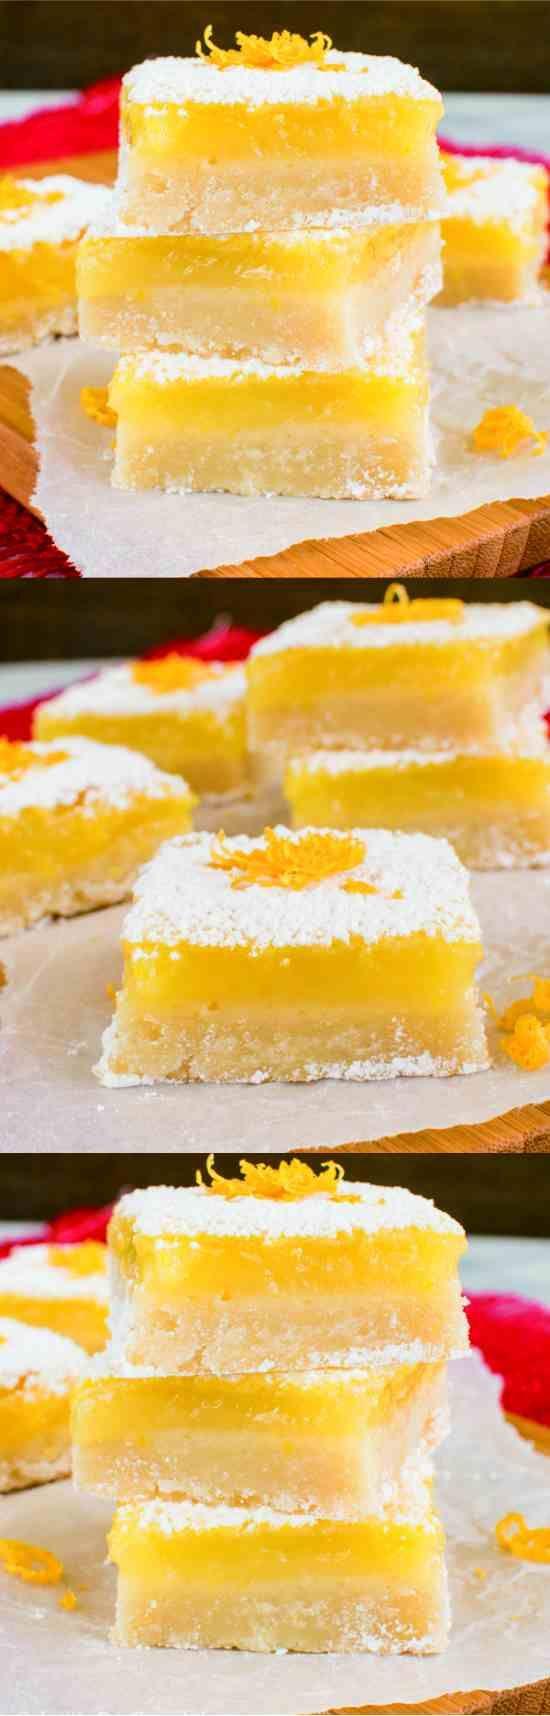 BEST LEMON BARS - baked, bars, butter, dessert, fresh, lemon juice, recipes